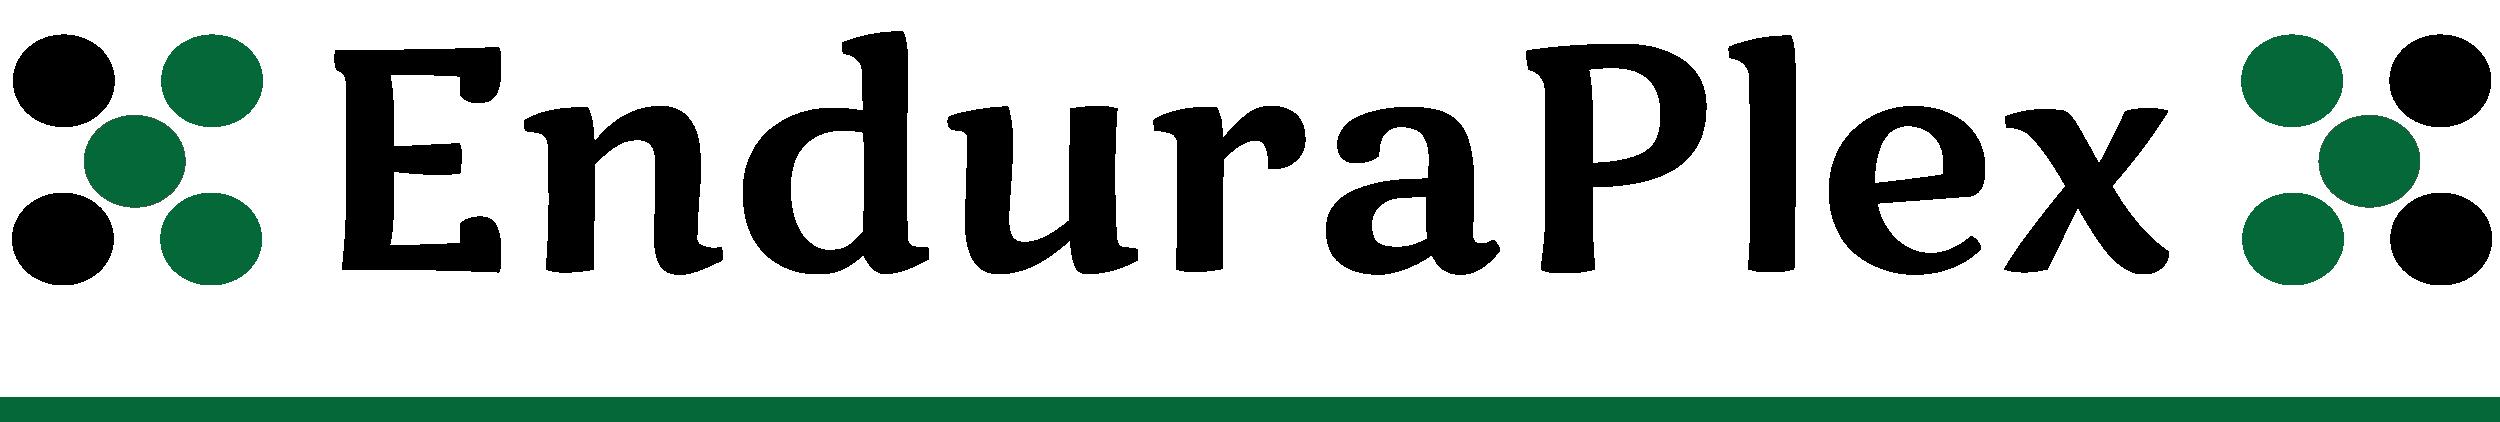 EnduraPlex logo